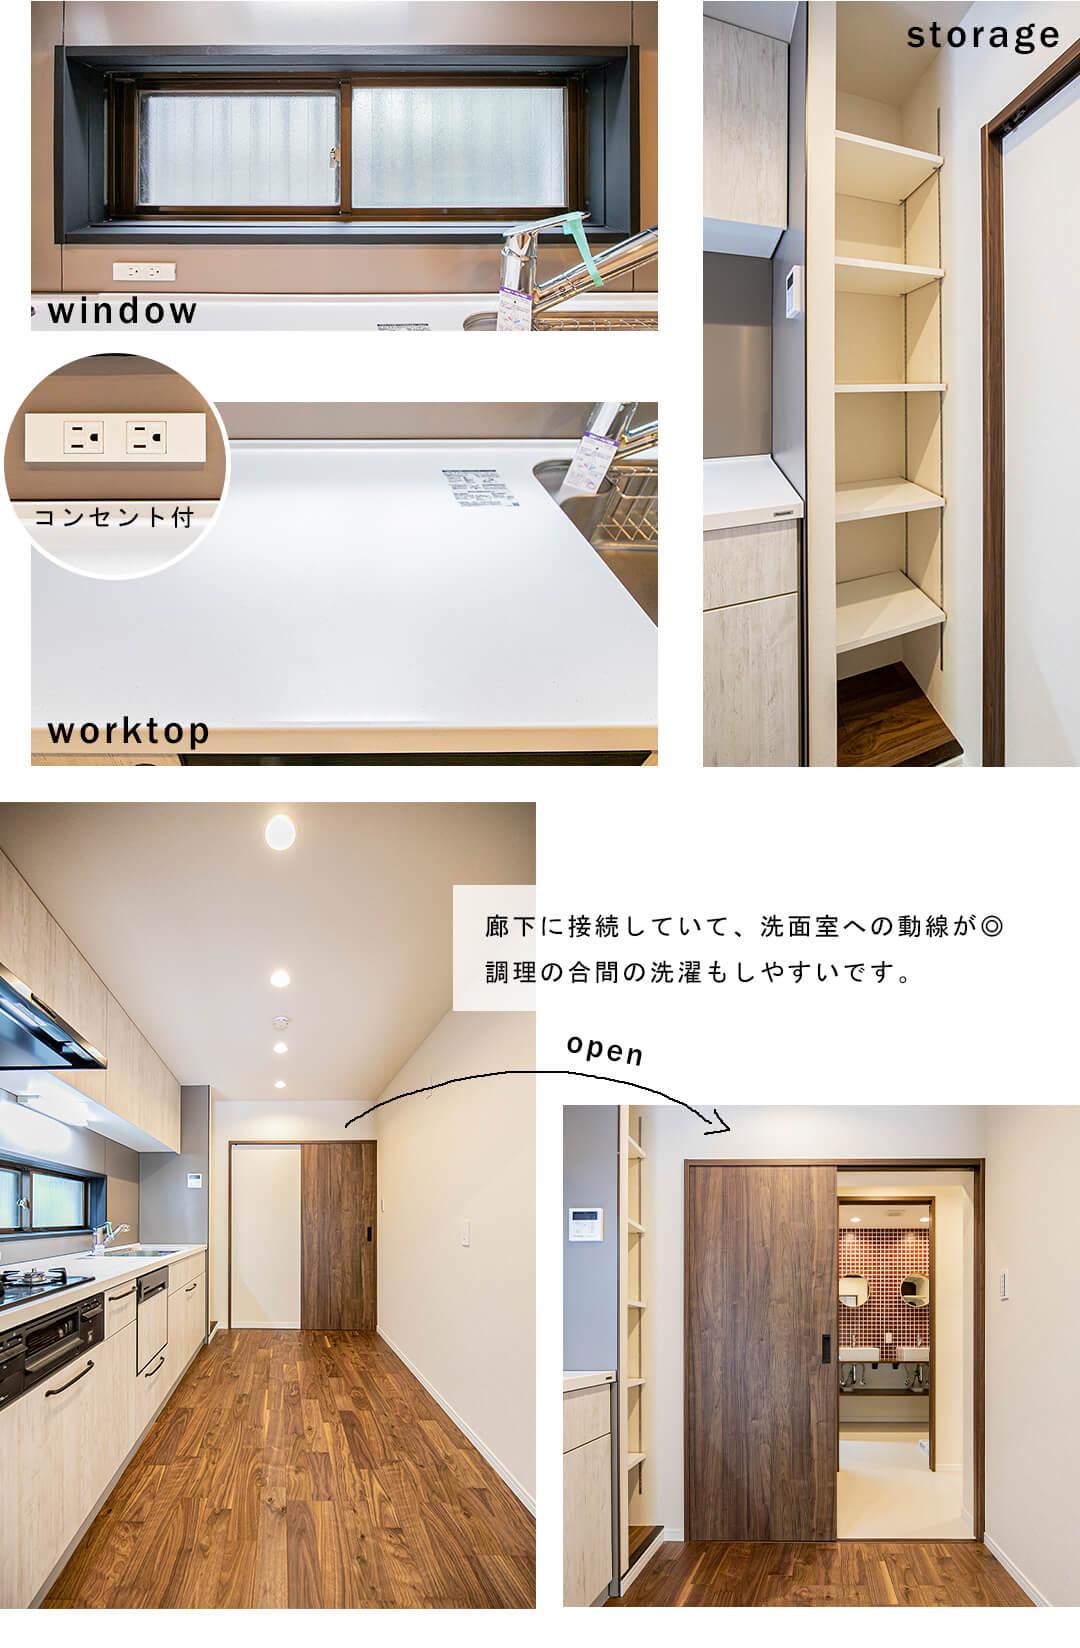 浜田山タウンホームのキッチン